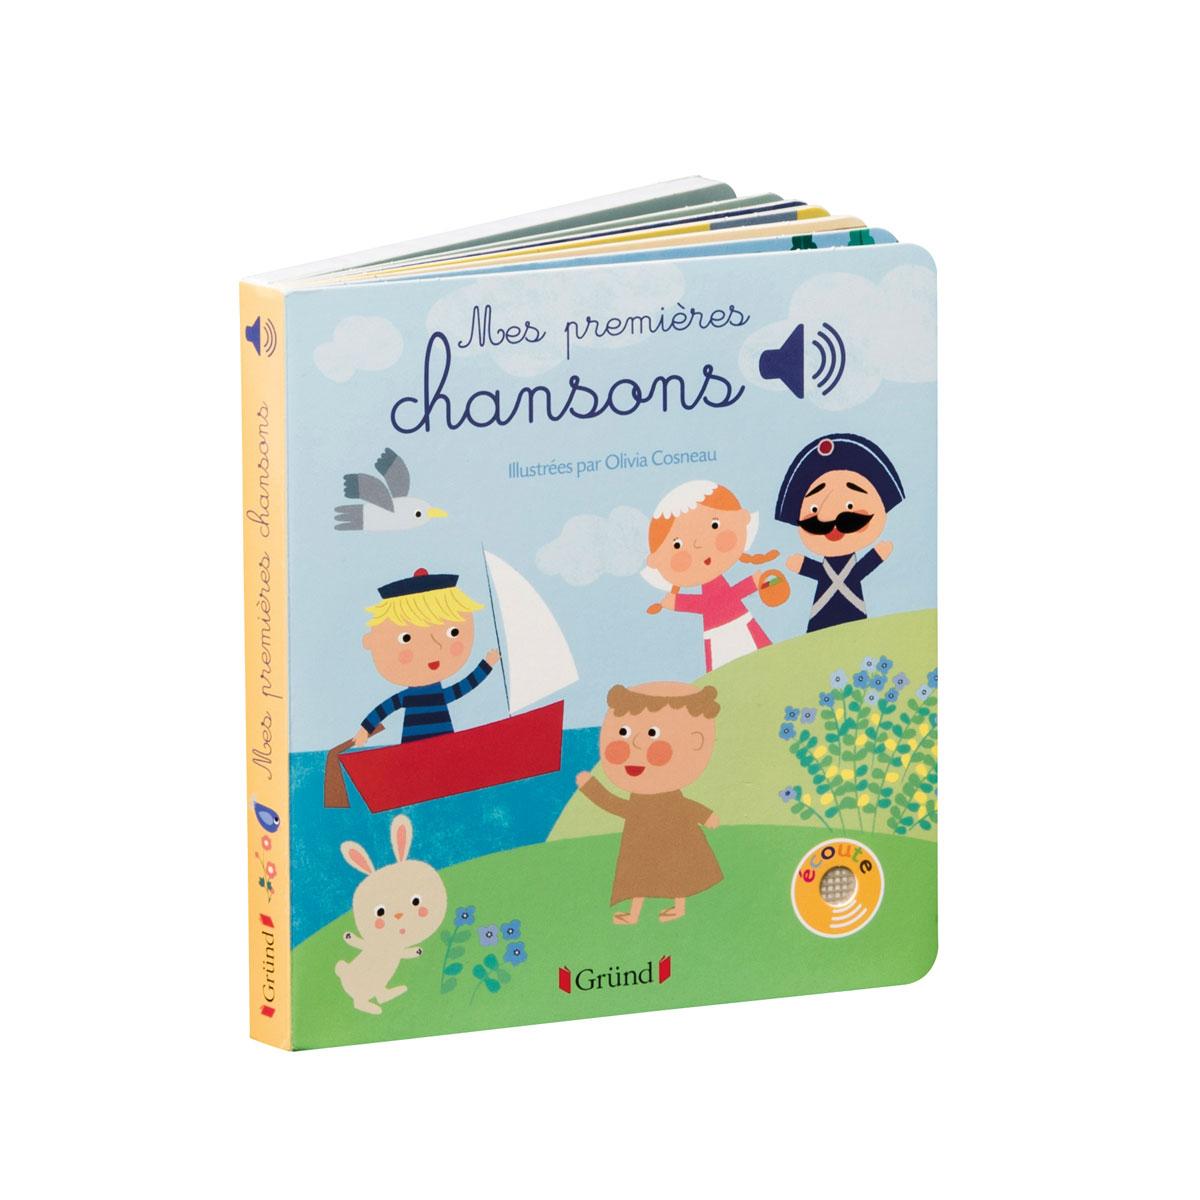 Livre Sonore Mes Premières Chansons pour Les Petites Marionnettes Chanson